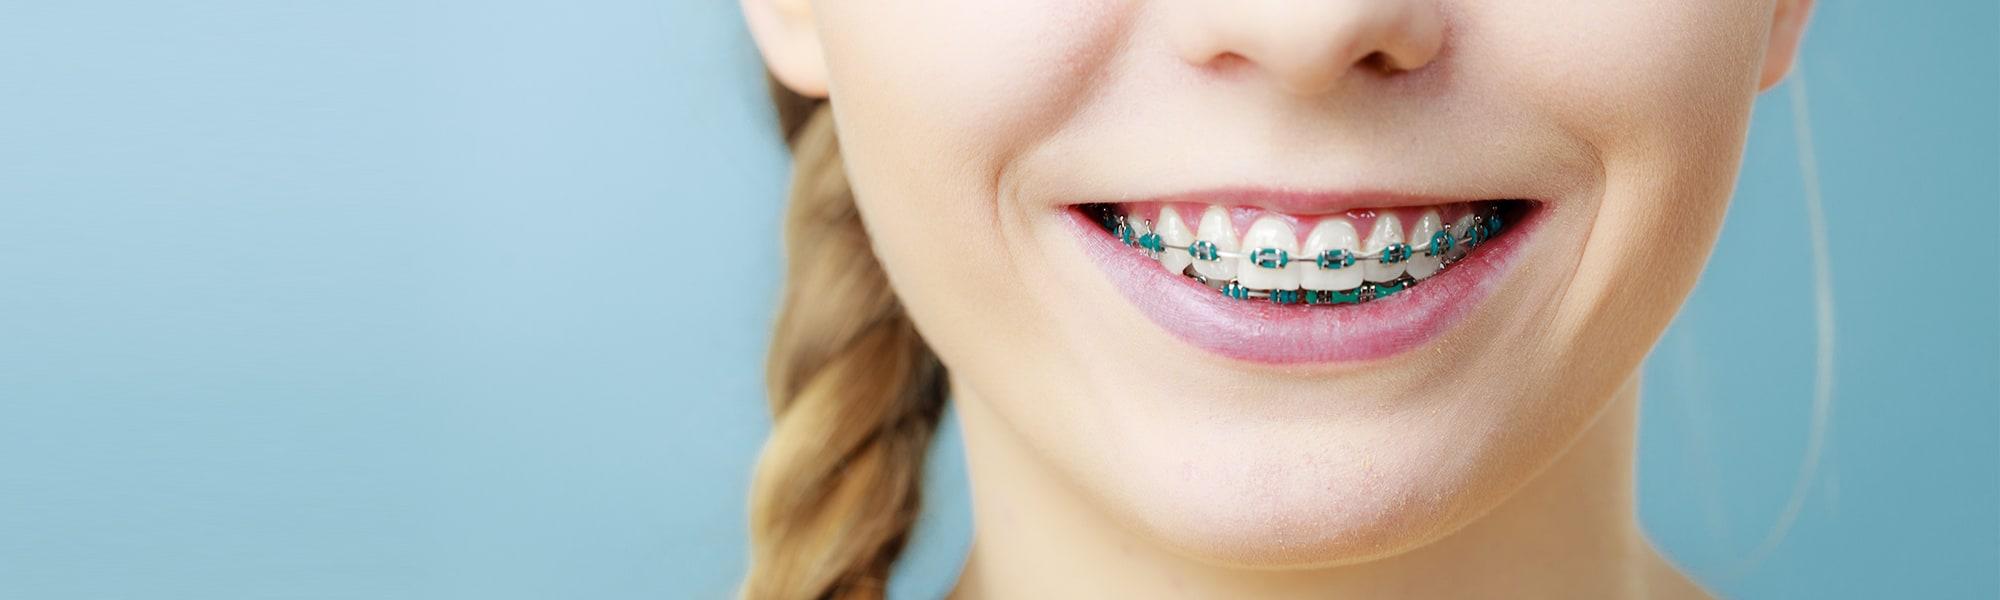 Teeth Straightening.jpg